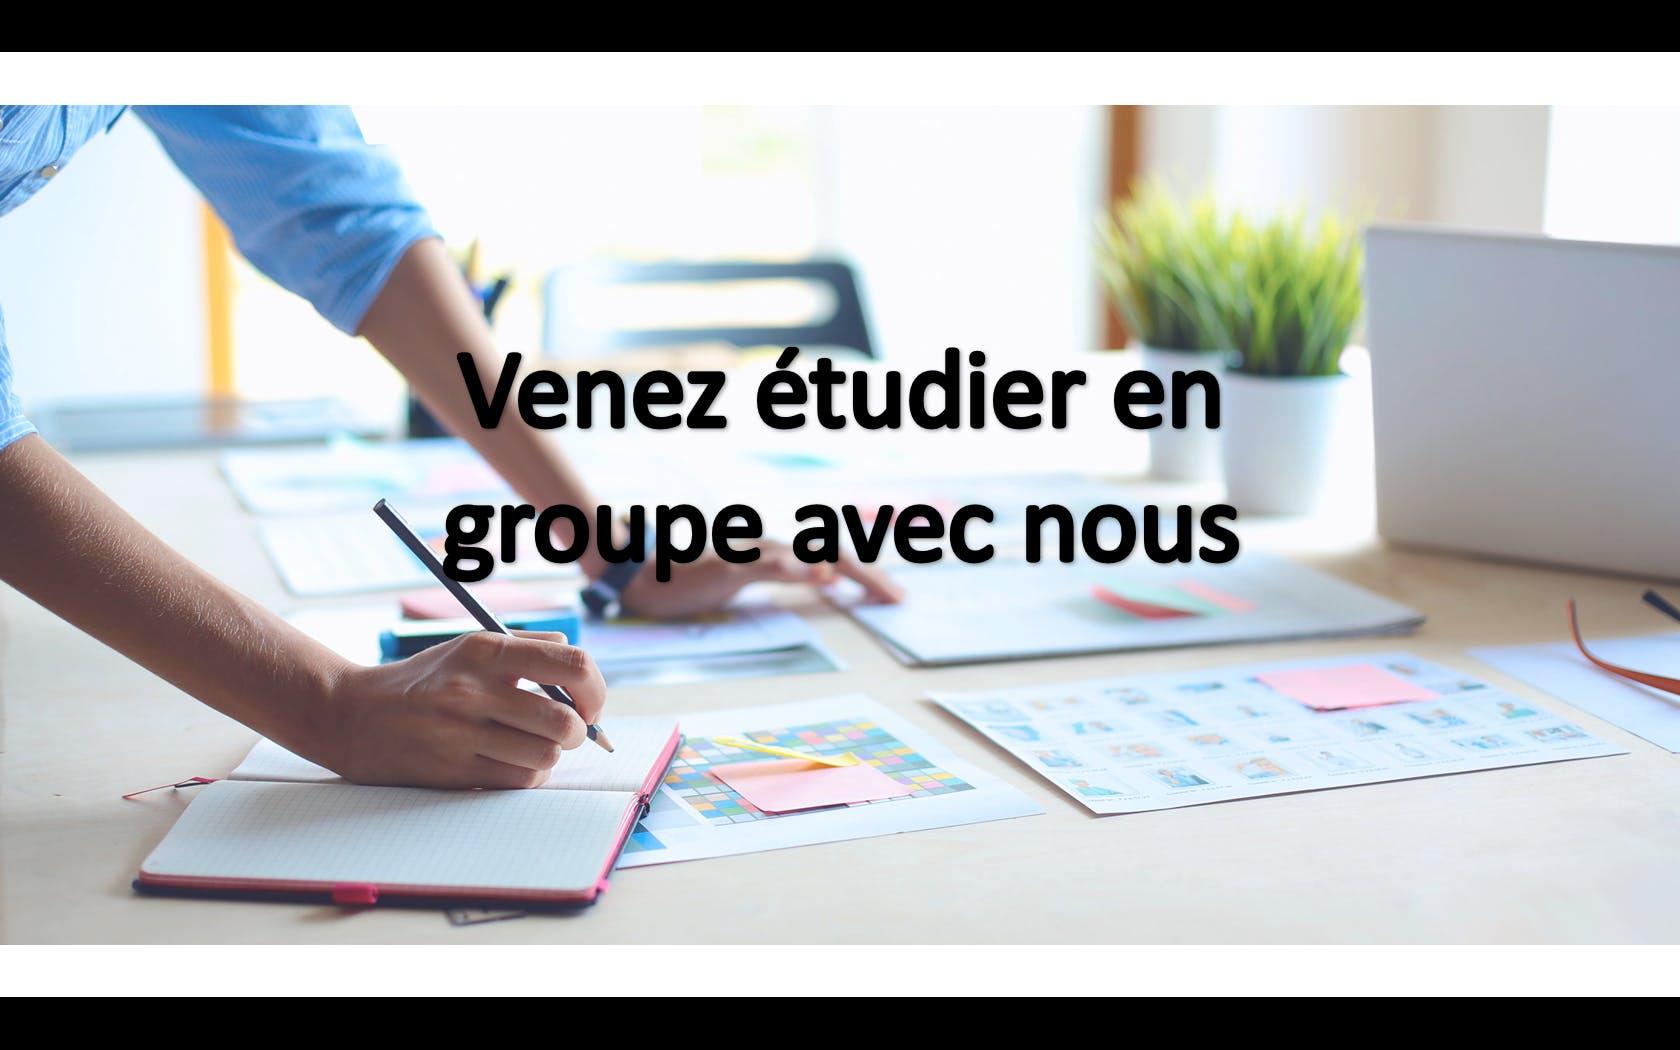 Venez étudier en groupe avec nous